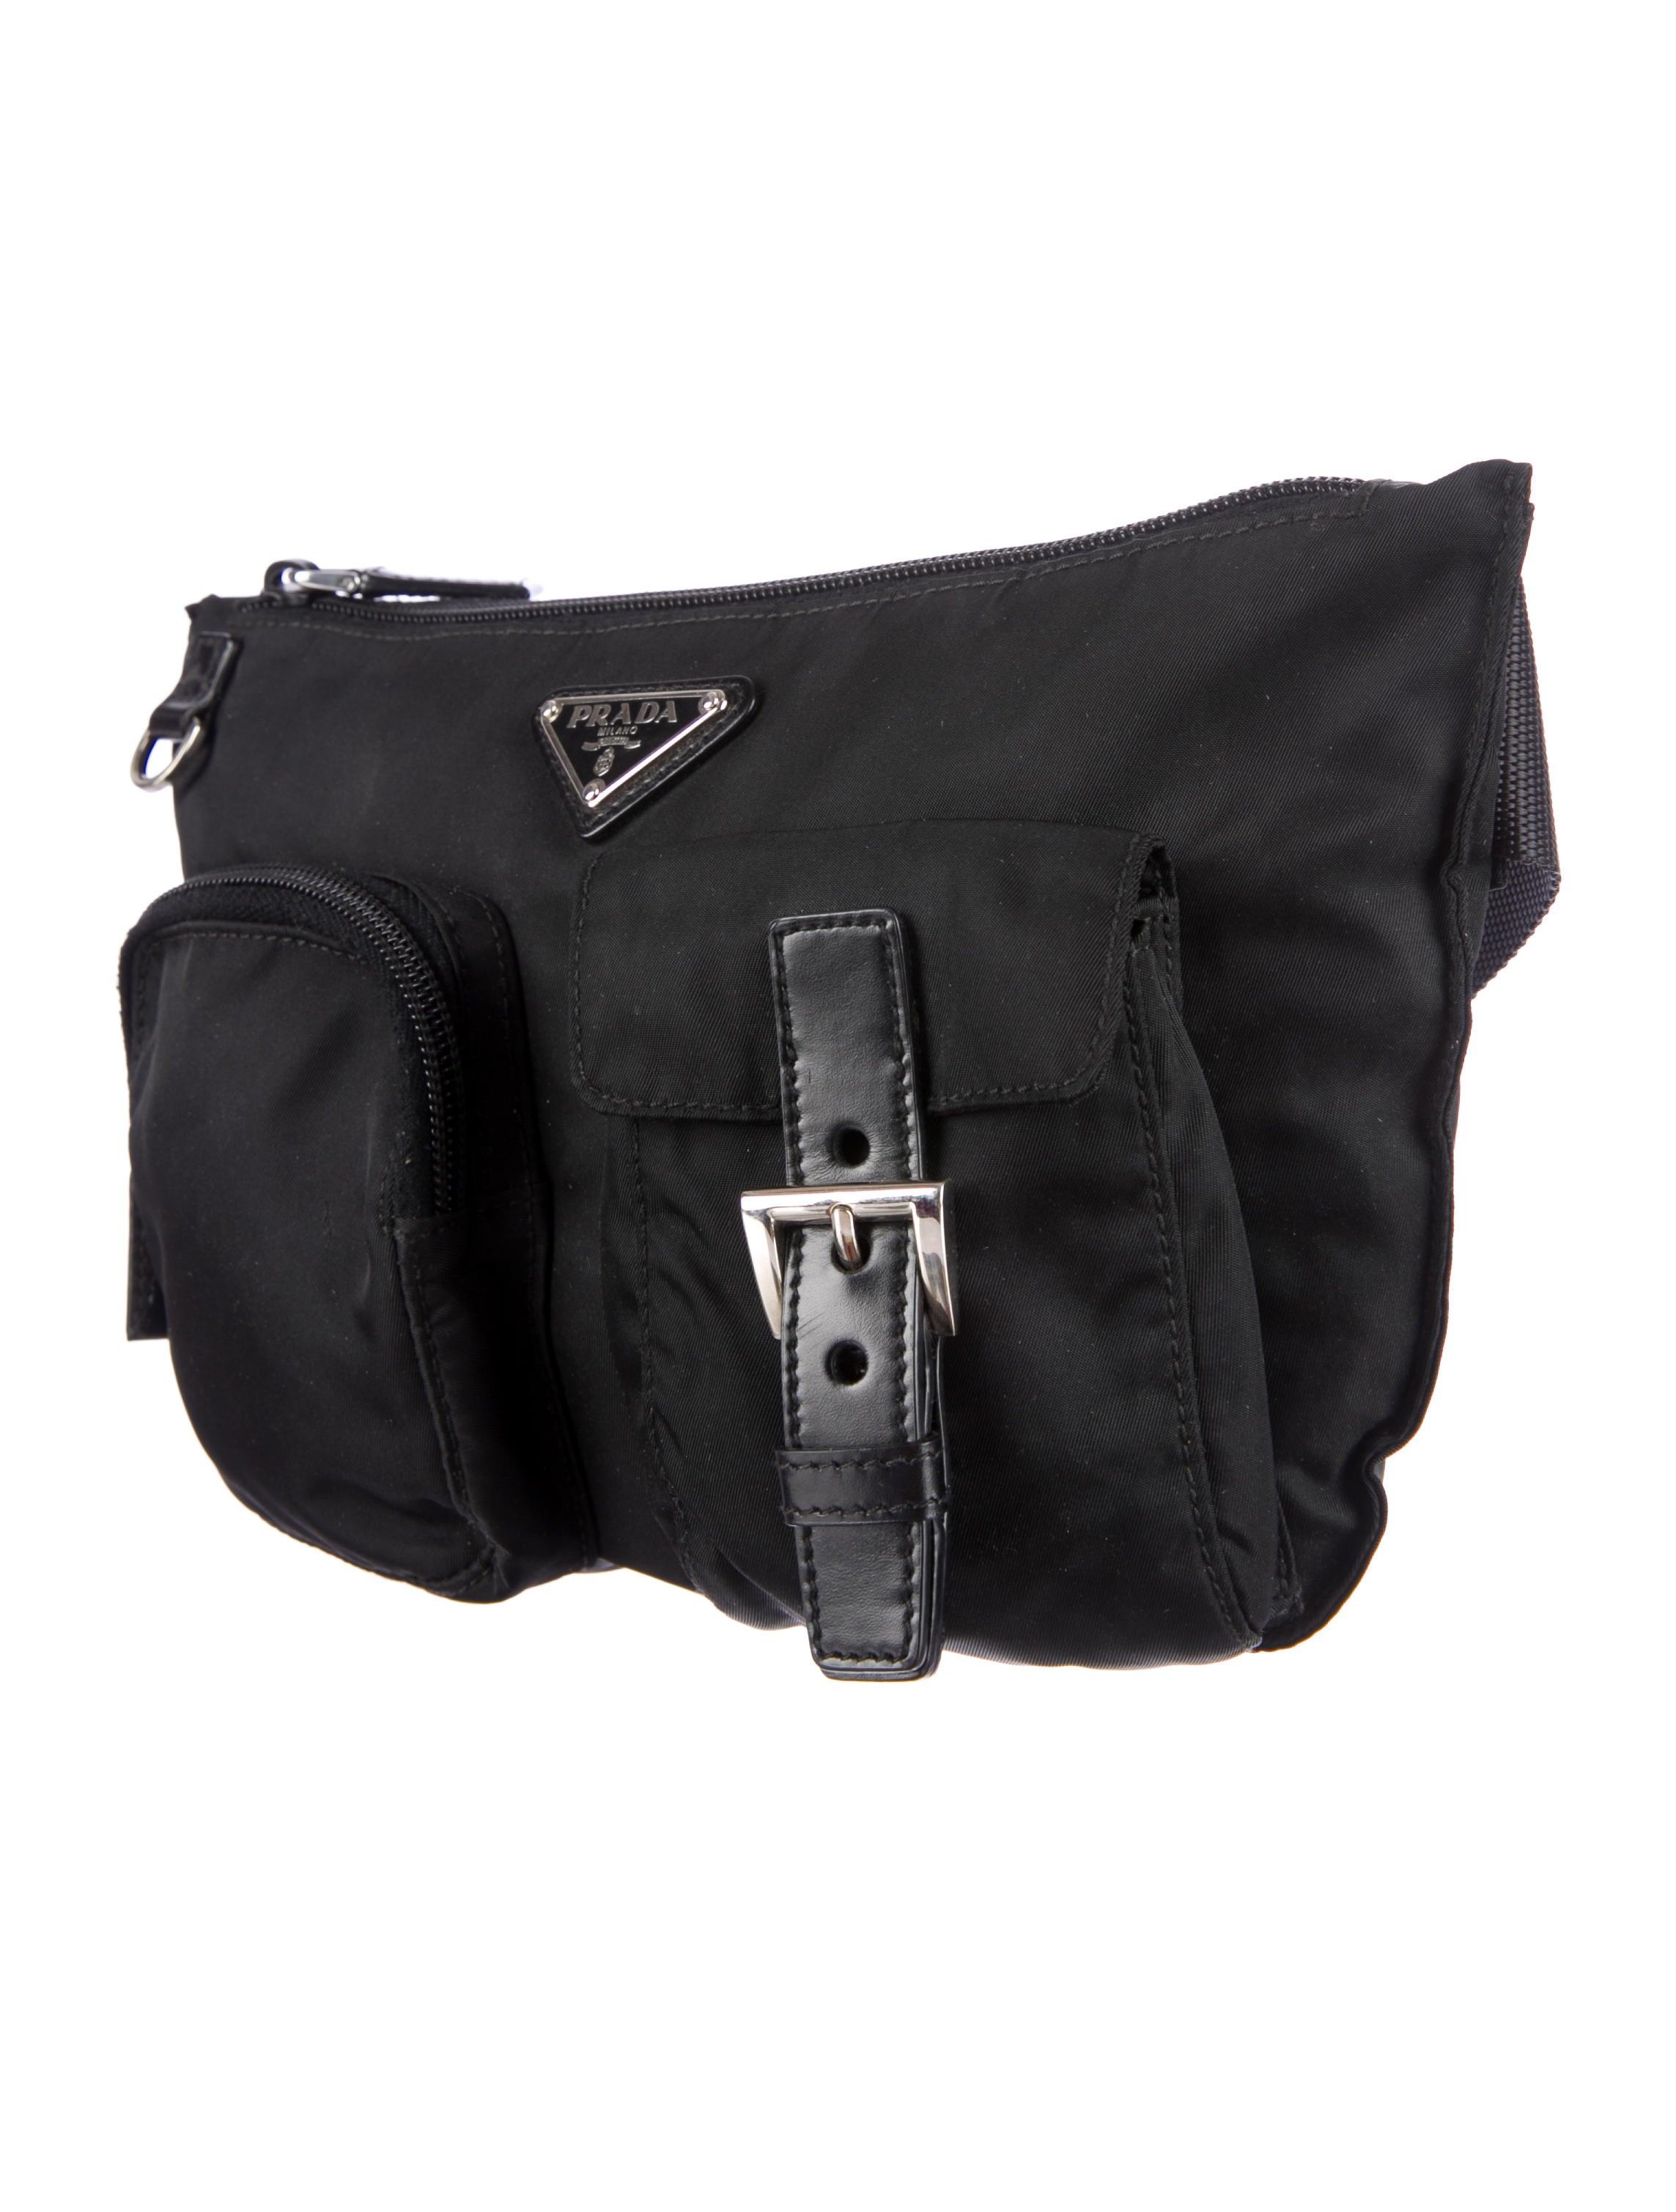 prada real or fake - Prada Tessuto Waist Bag - Mens Bags - PRA58486 | The RealReal